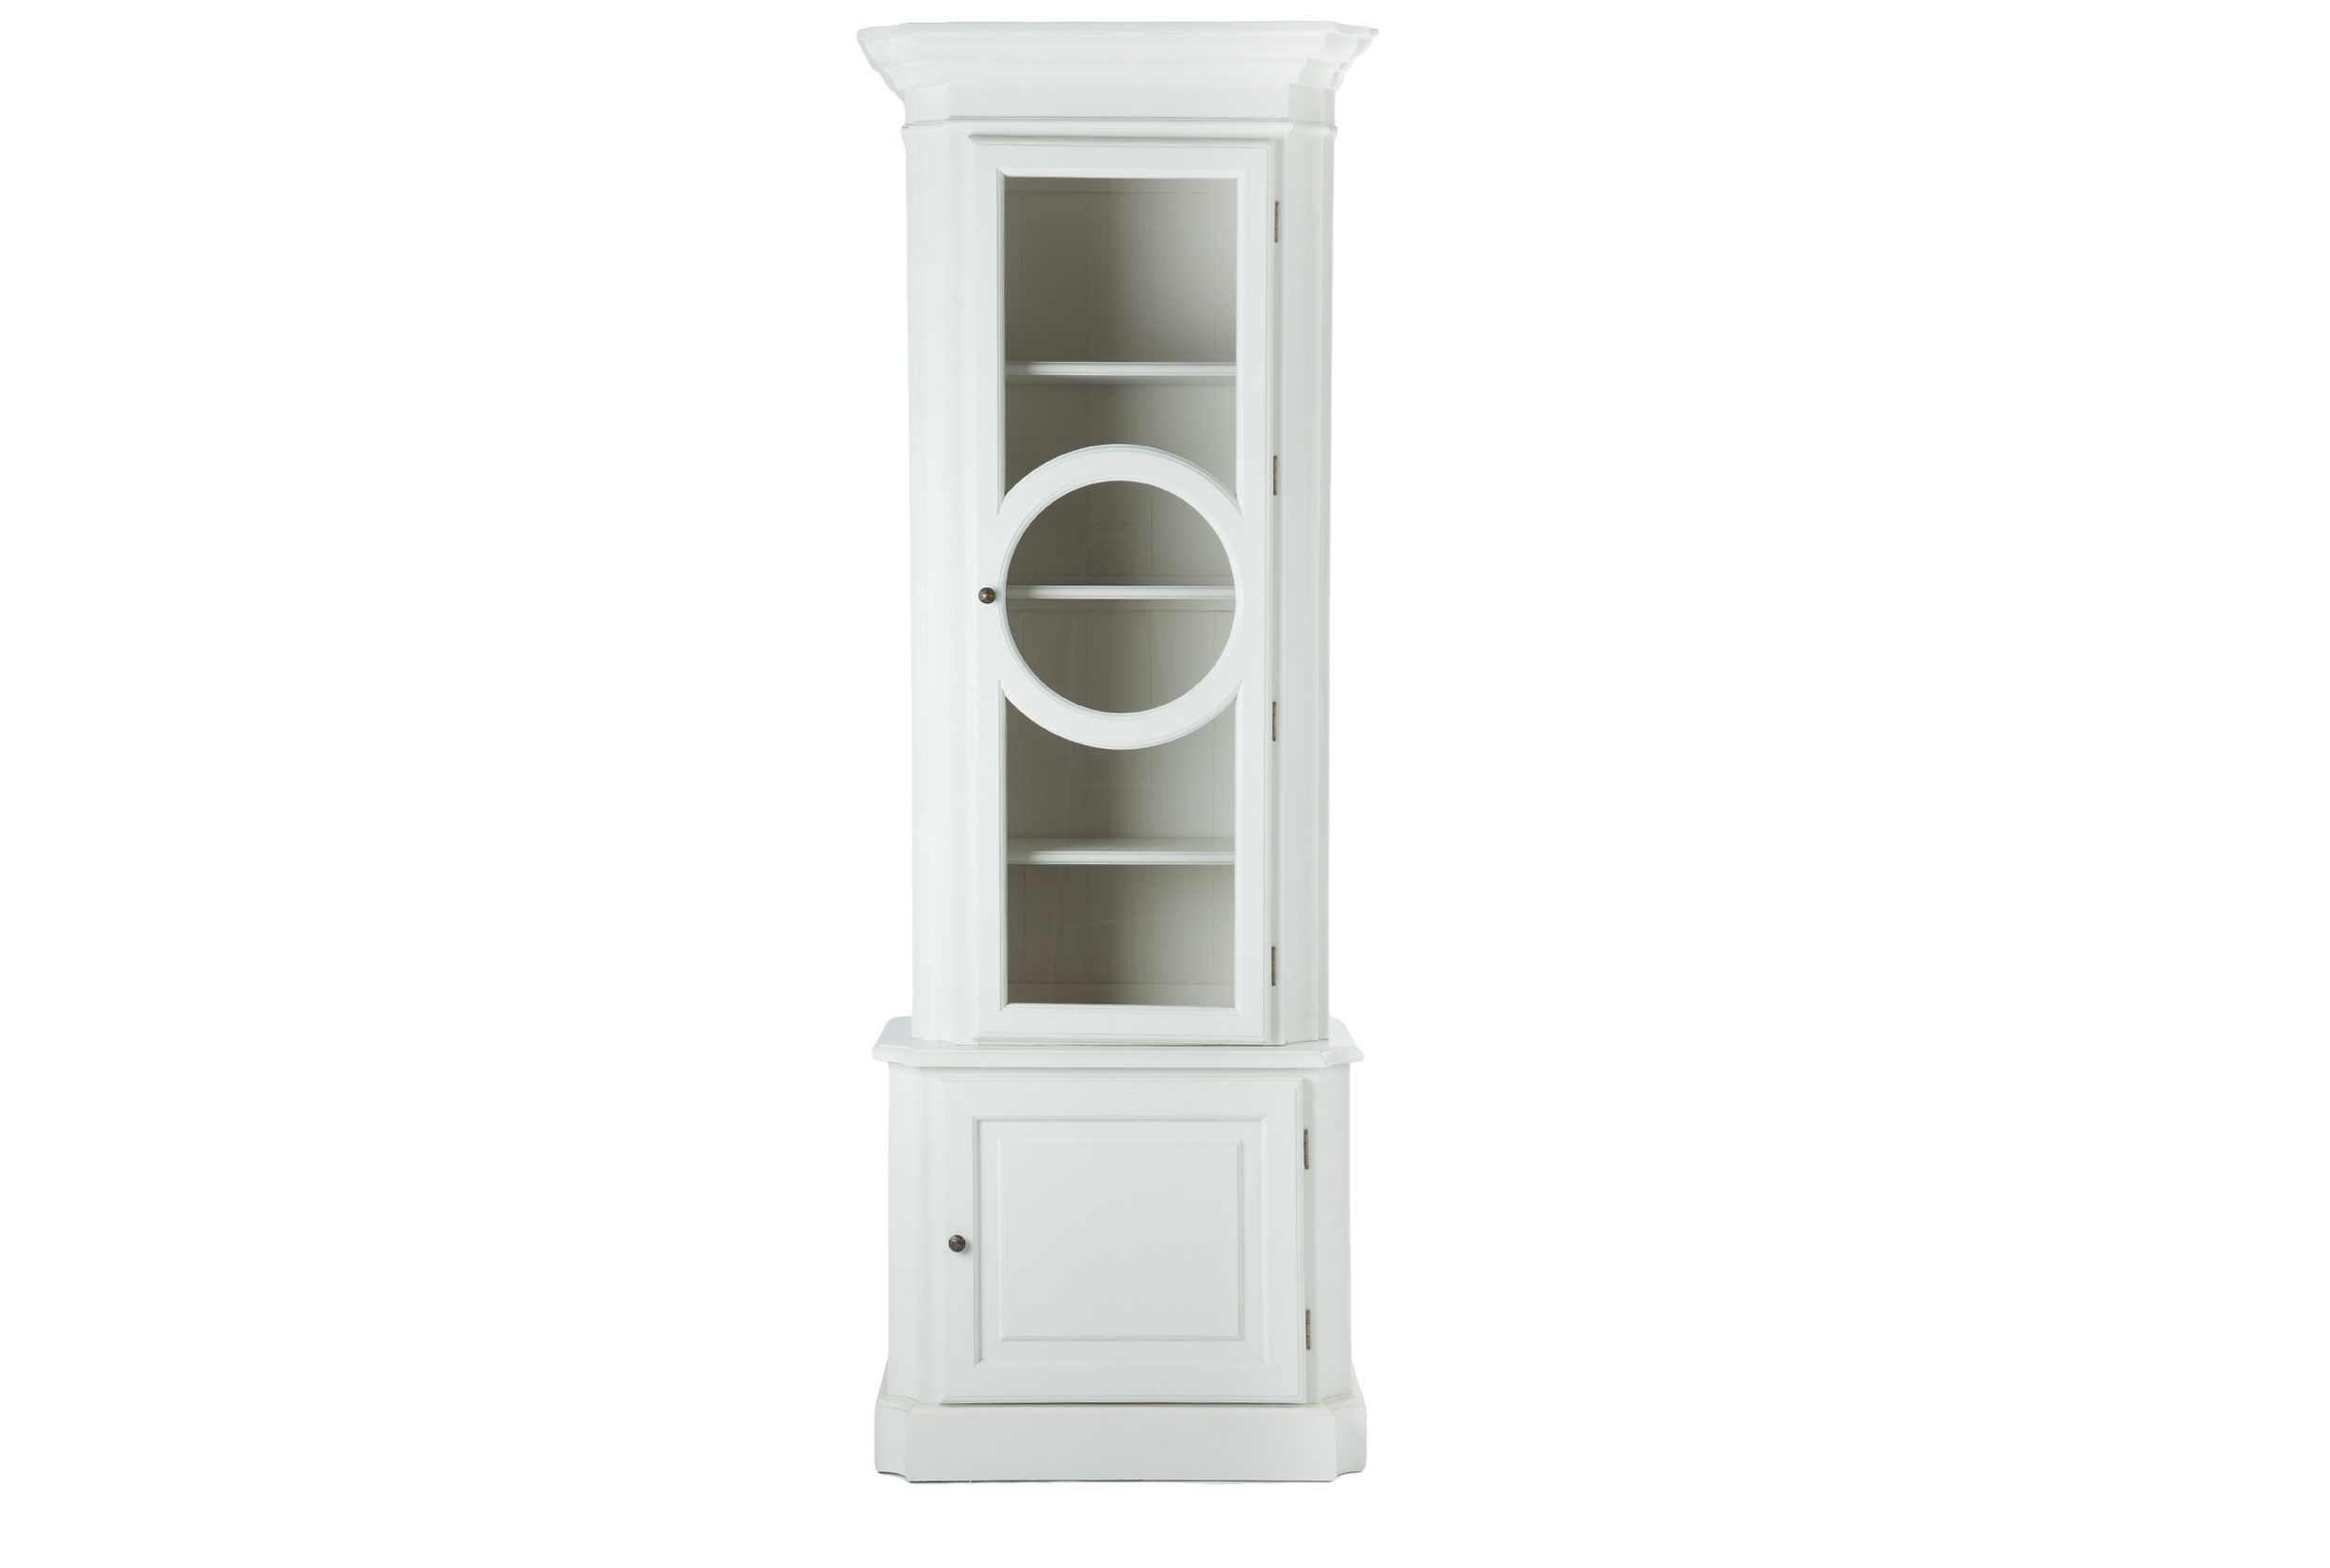 ВитринаВитрины<br>Витрина белого цвета из массива березы с декорированной дверцей.<br><br>Material: Береза<br>Width см: 82<br>Depth см: 45<br>Height см: 230